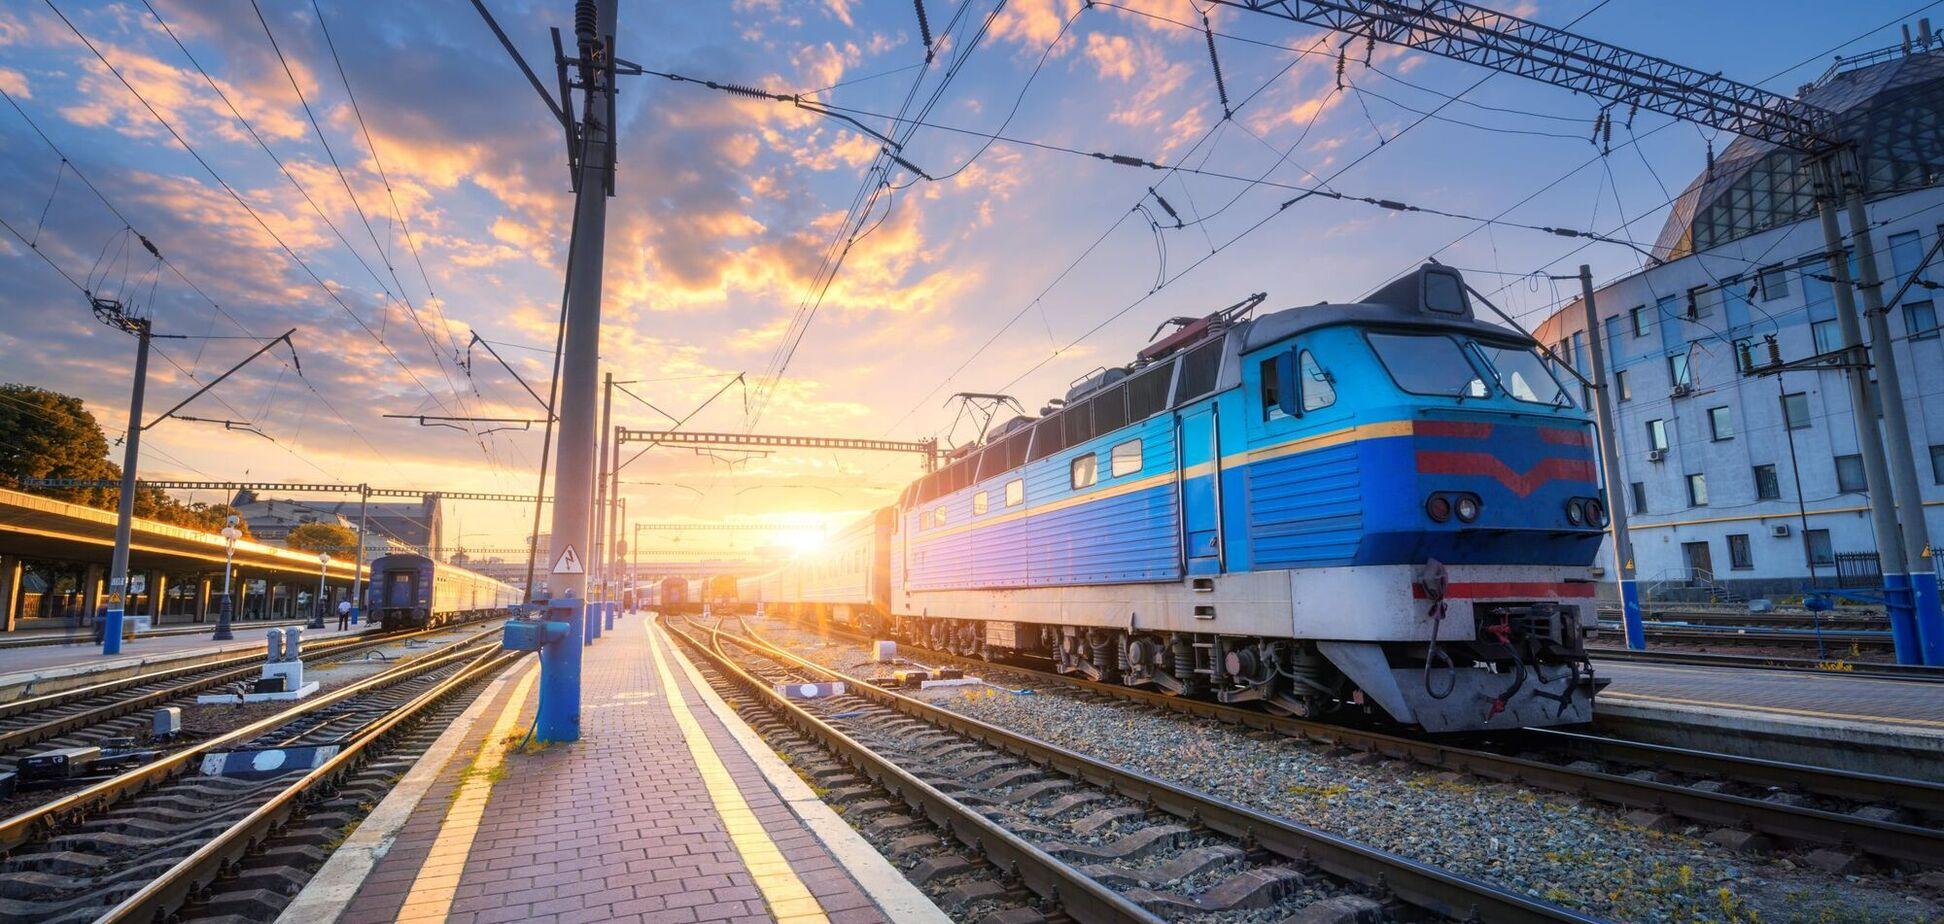 Відстоювання прав працівниками не повинно загрожувати залізничному сполученню, – Гусак